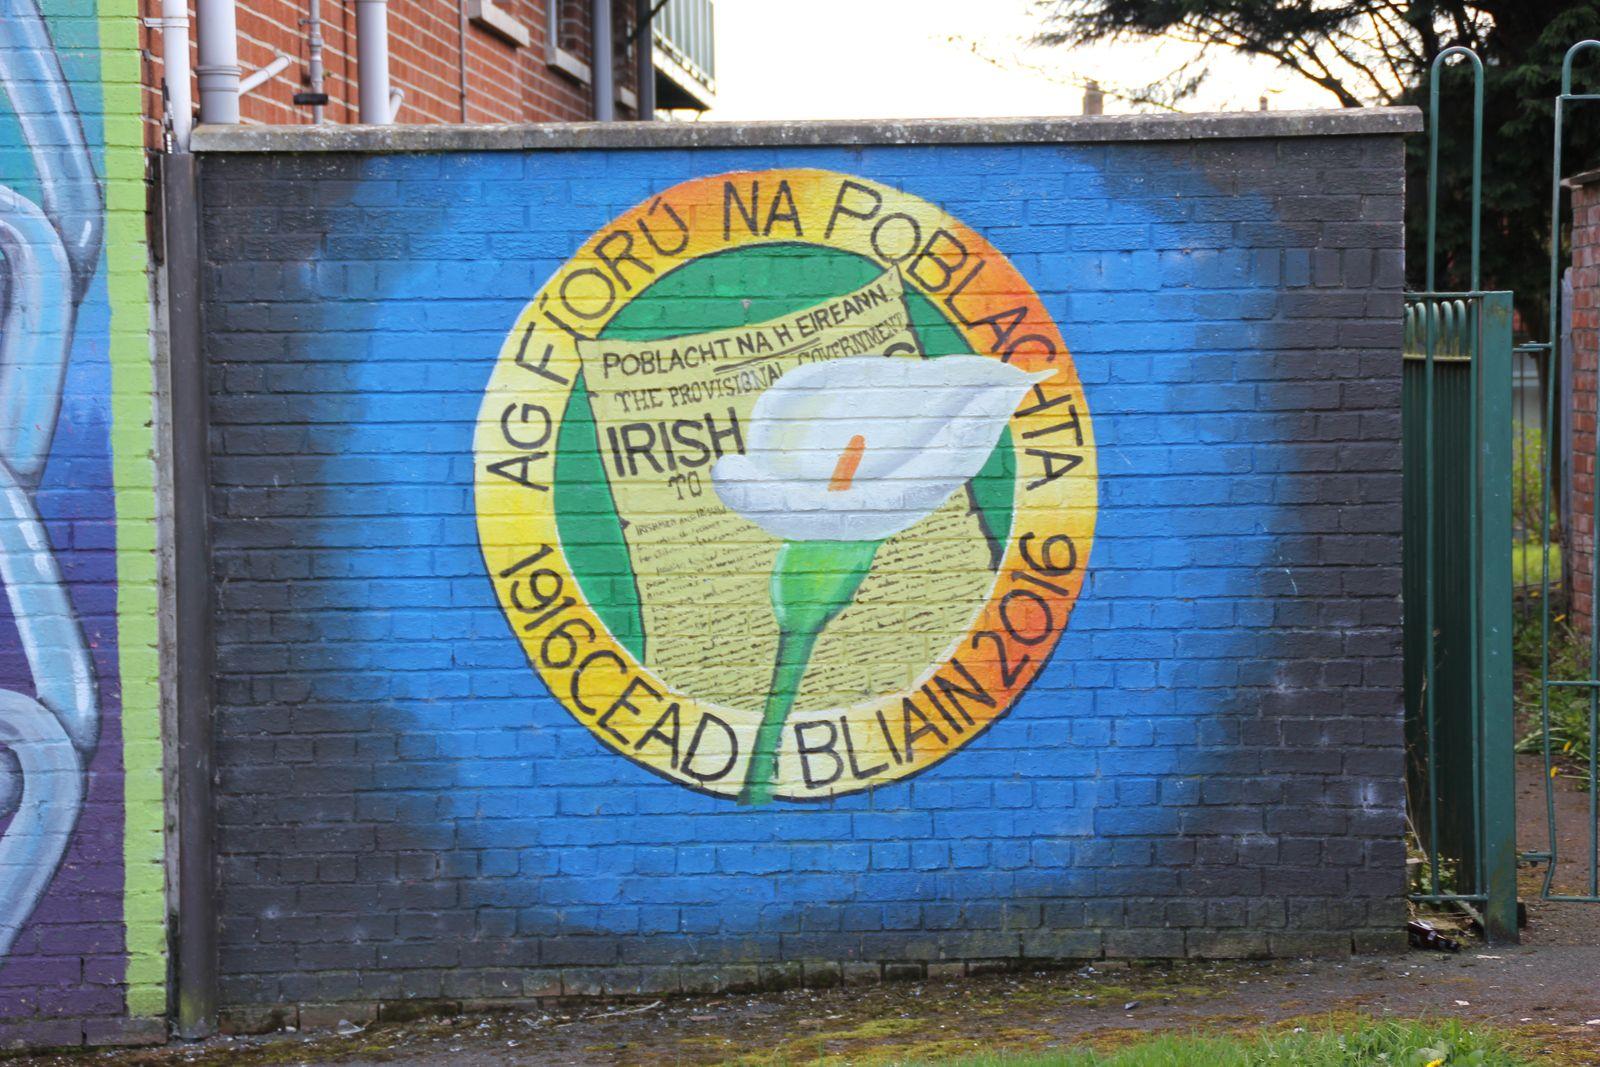 813) Andersonstown, West Belfast